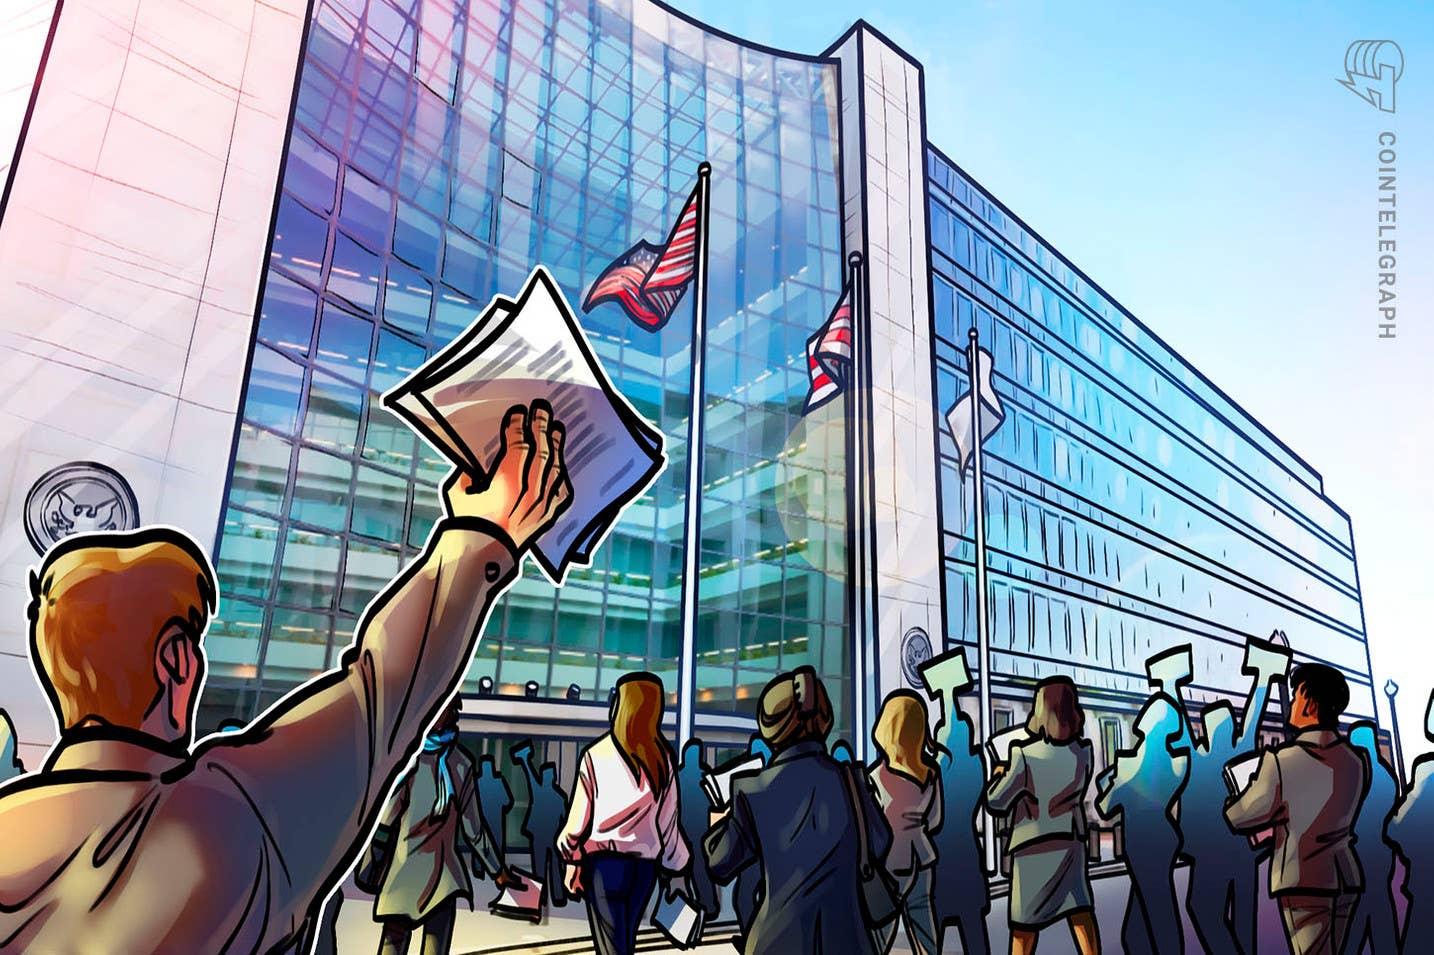 Rejestrujący się w SEC poszukują DeFi i fizycznie wspieranego zatwierdzenia Bitcoin ETF